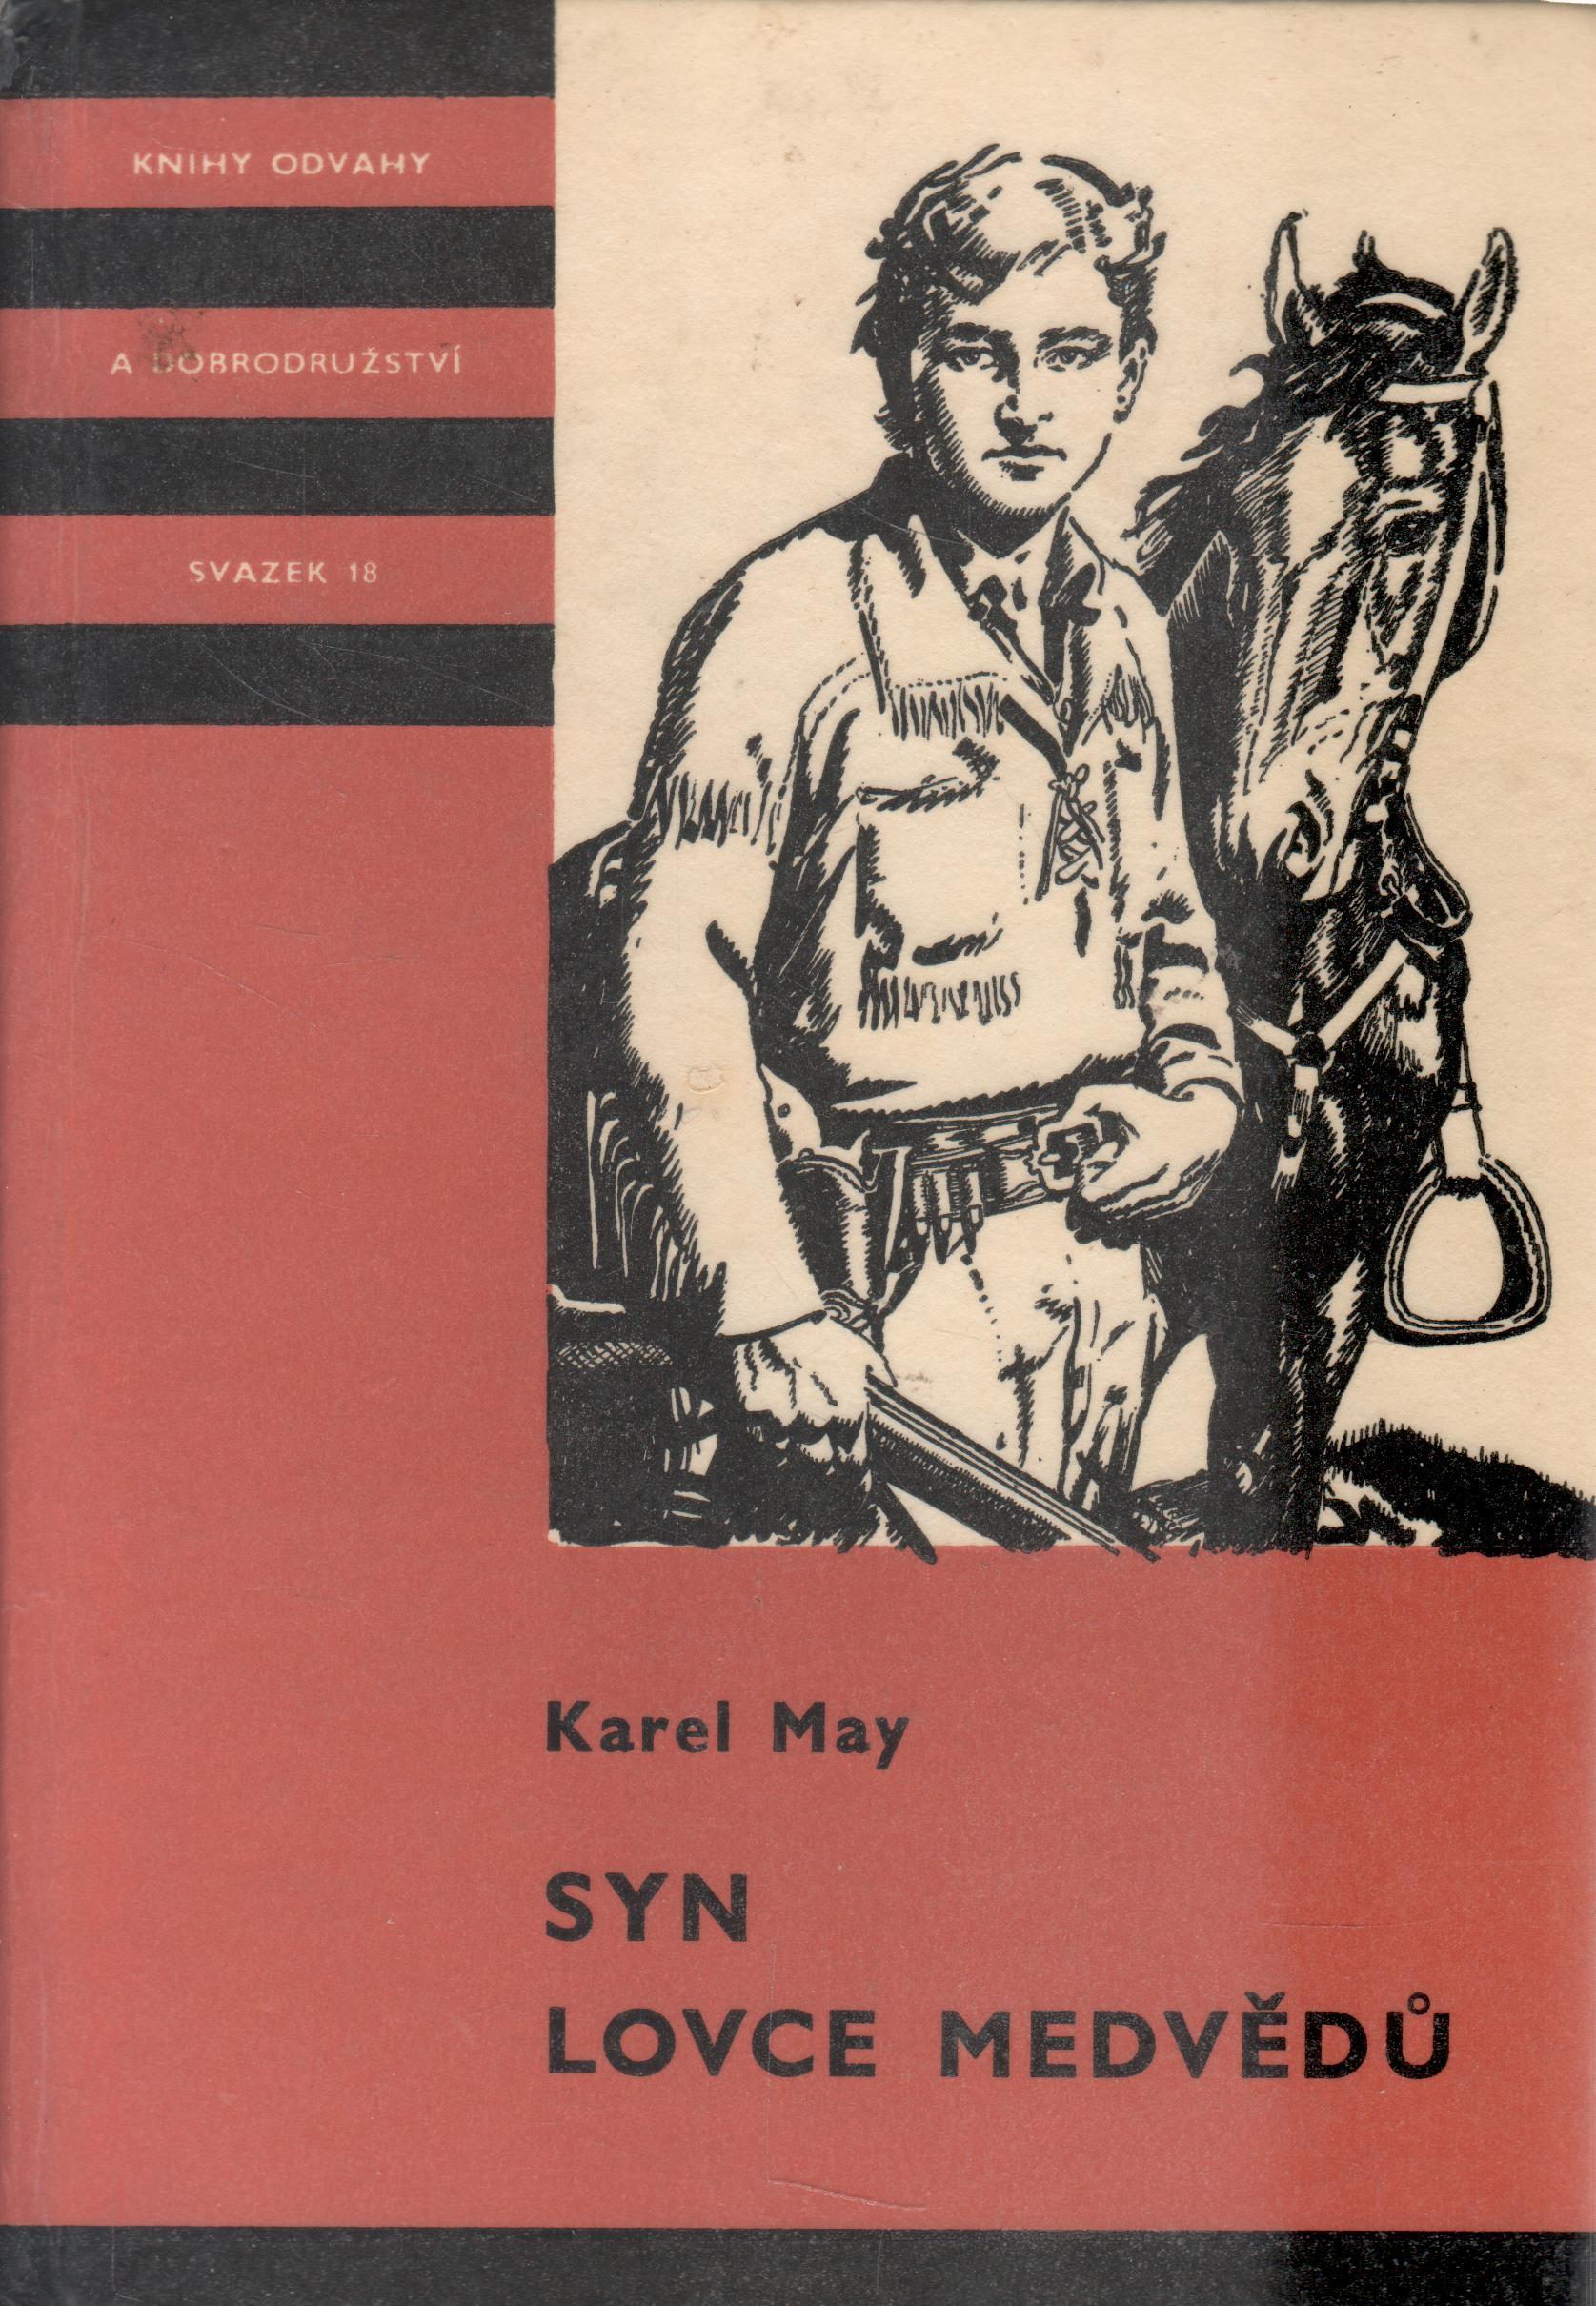 KOD sv. 018 Syn lovce medvědů / Karel May, 1969